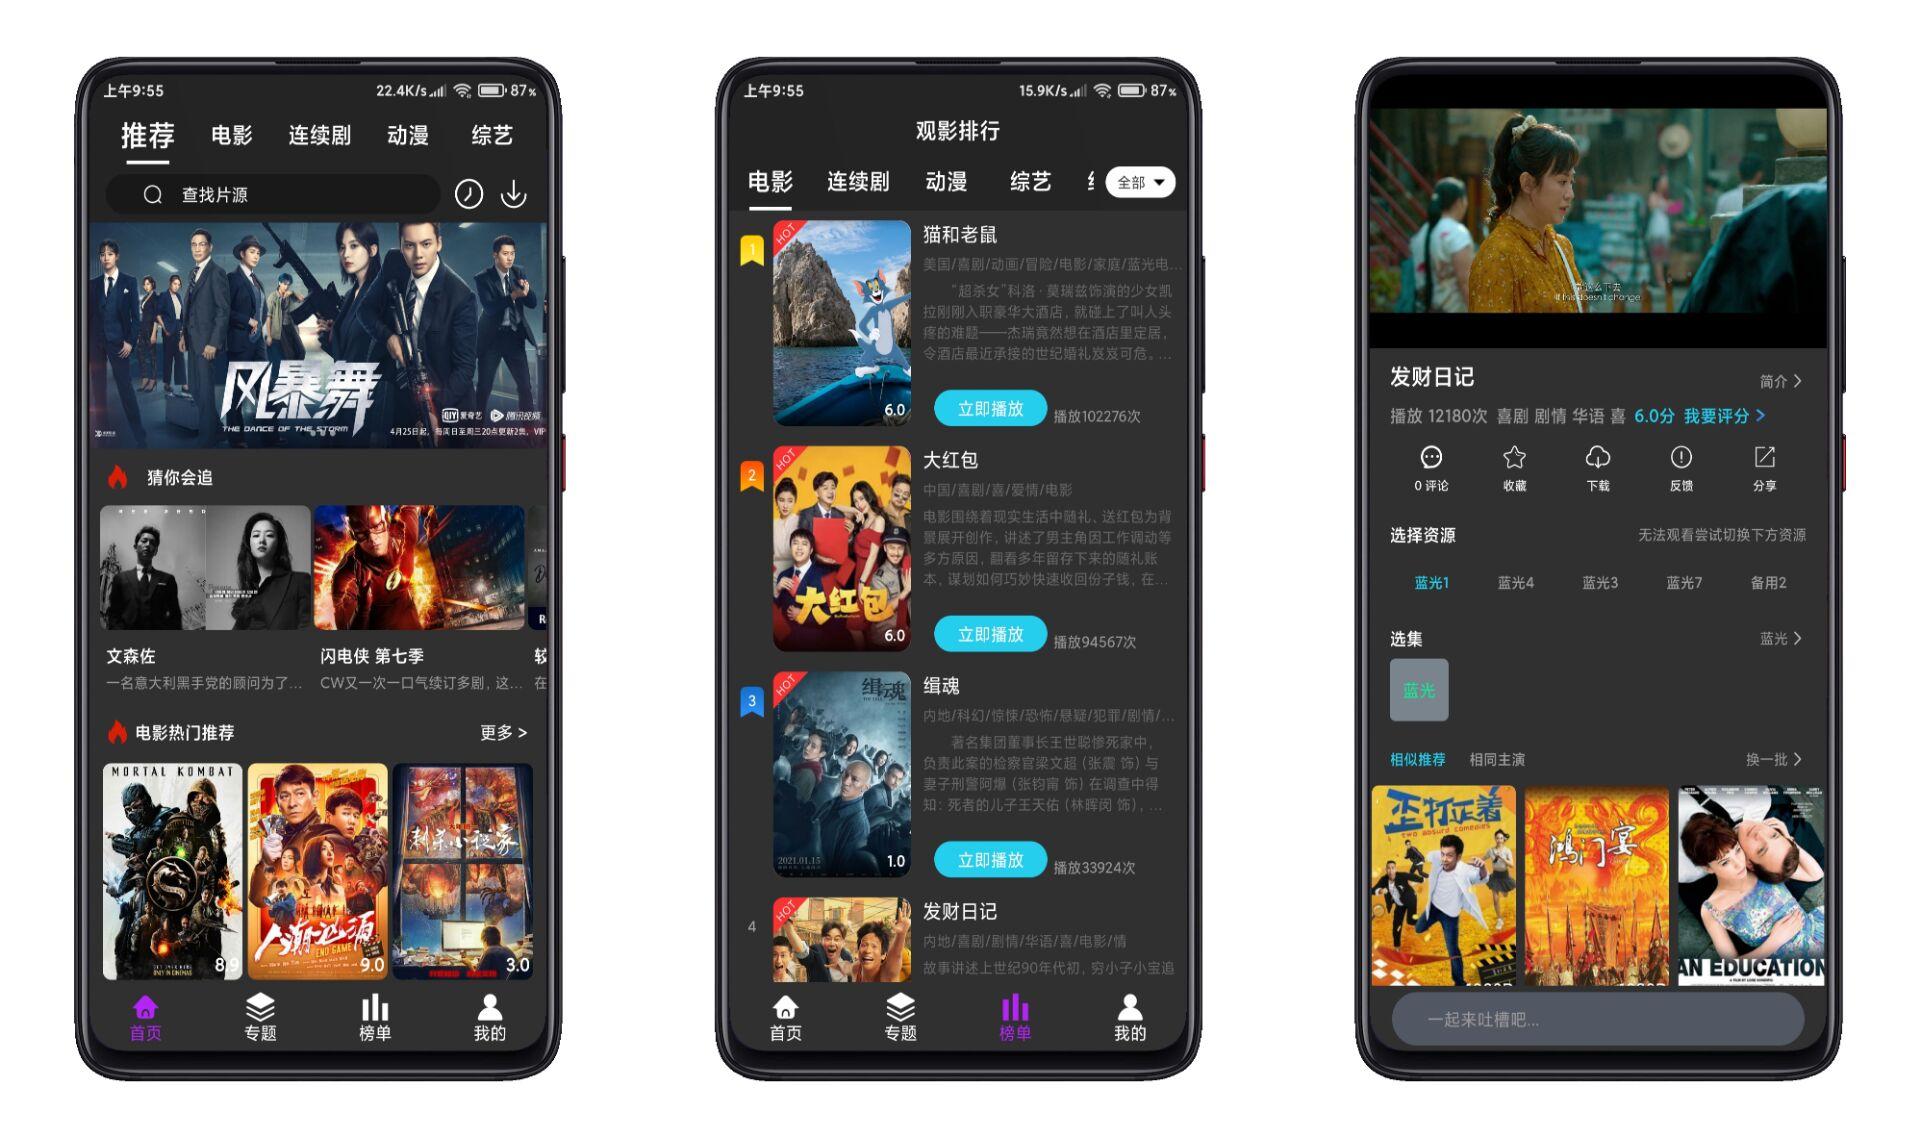 【大熊追剧绿化版】蓝光1080P画质免费看